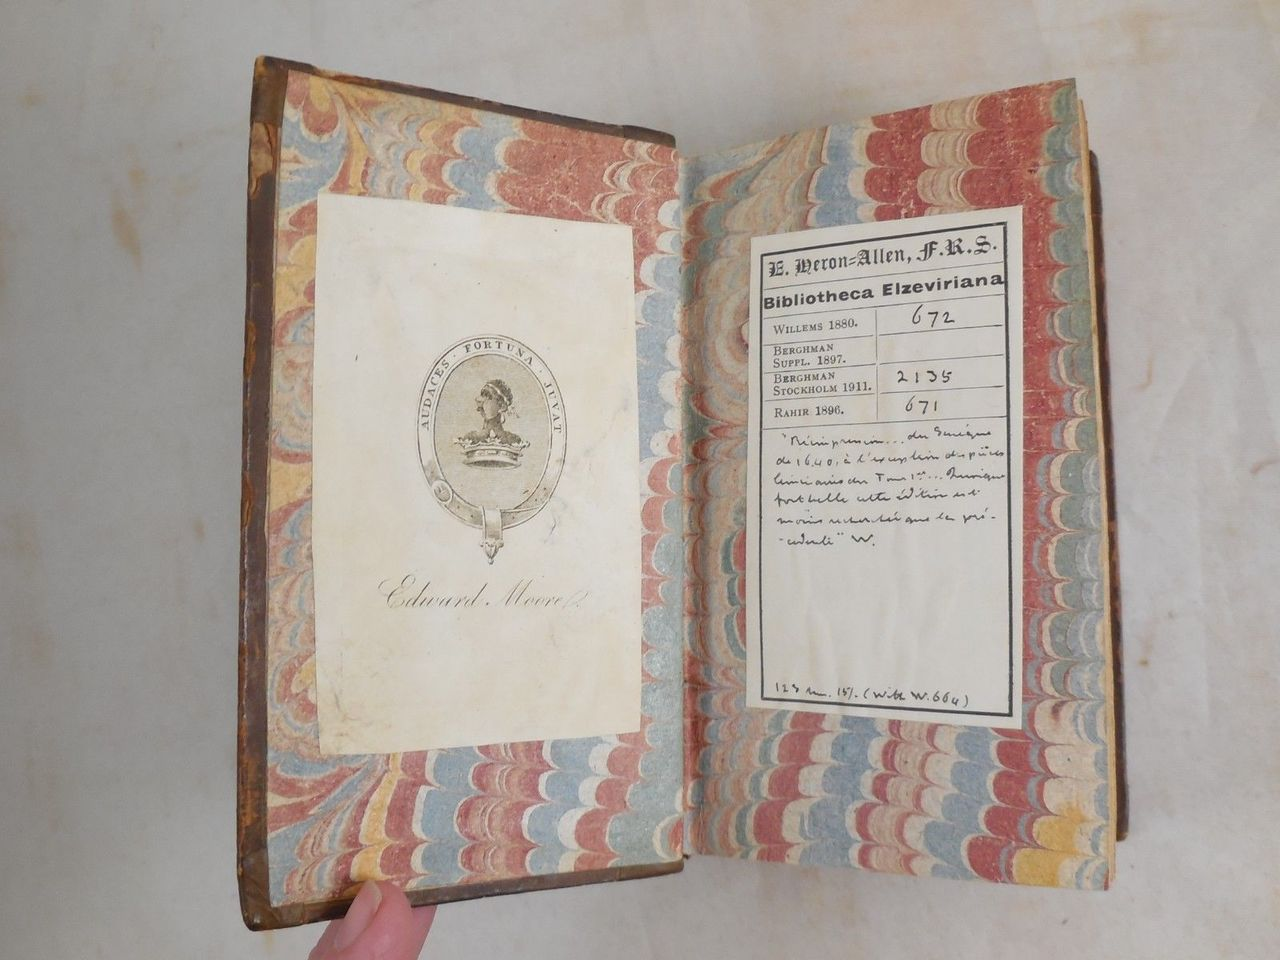 L. ANNAEI SENECAE PHILOSOPHI OPERA OMNIA -1684 [4 vols]